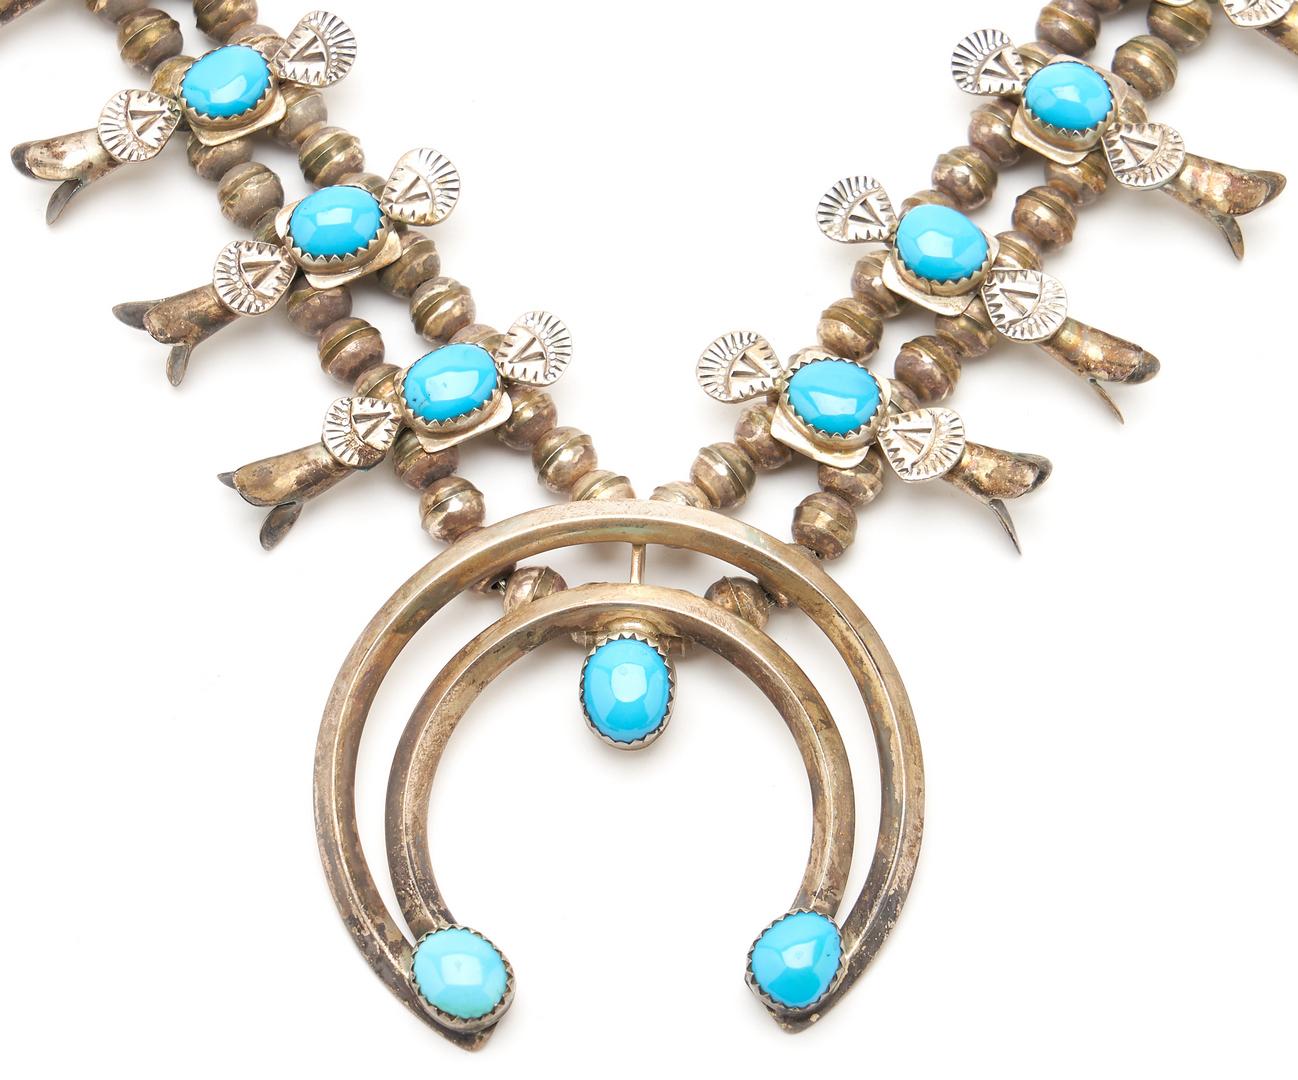 Lot 1089: 2 Native American Zuni Squash Blossom Necklaces